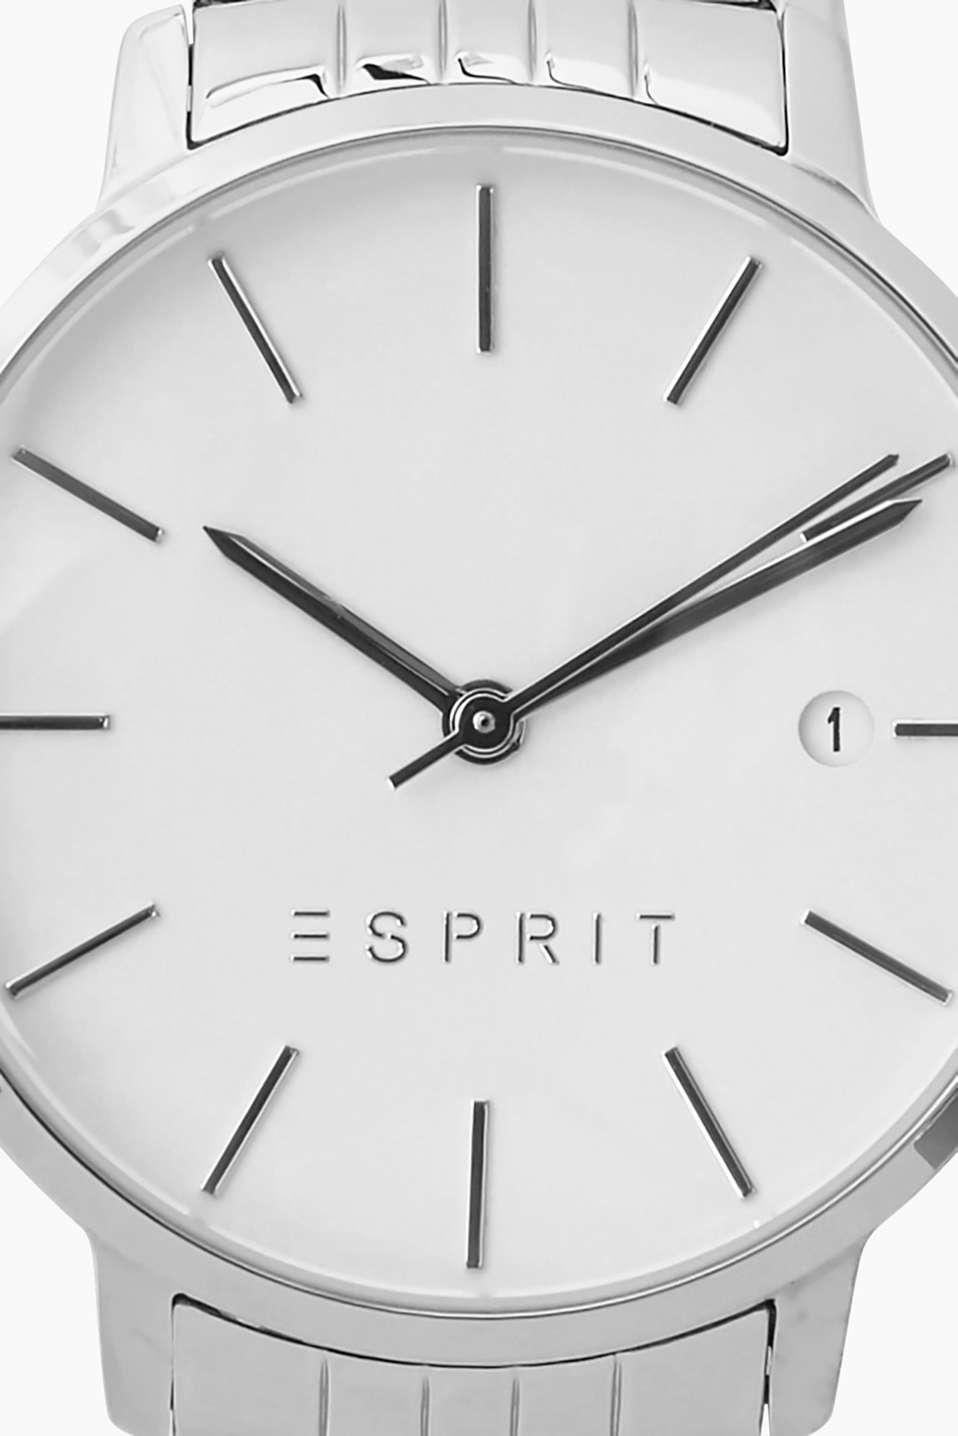 Esprit dating